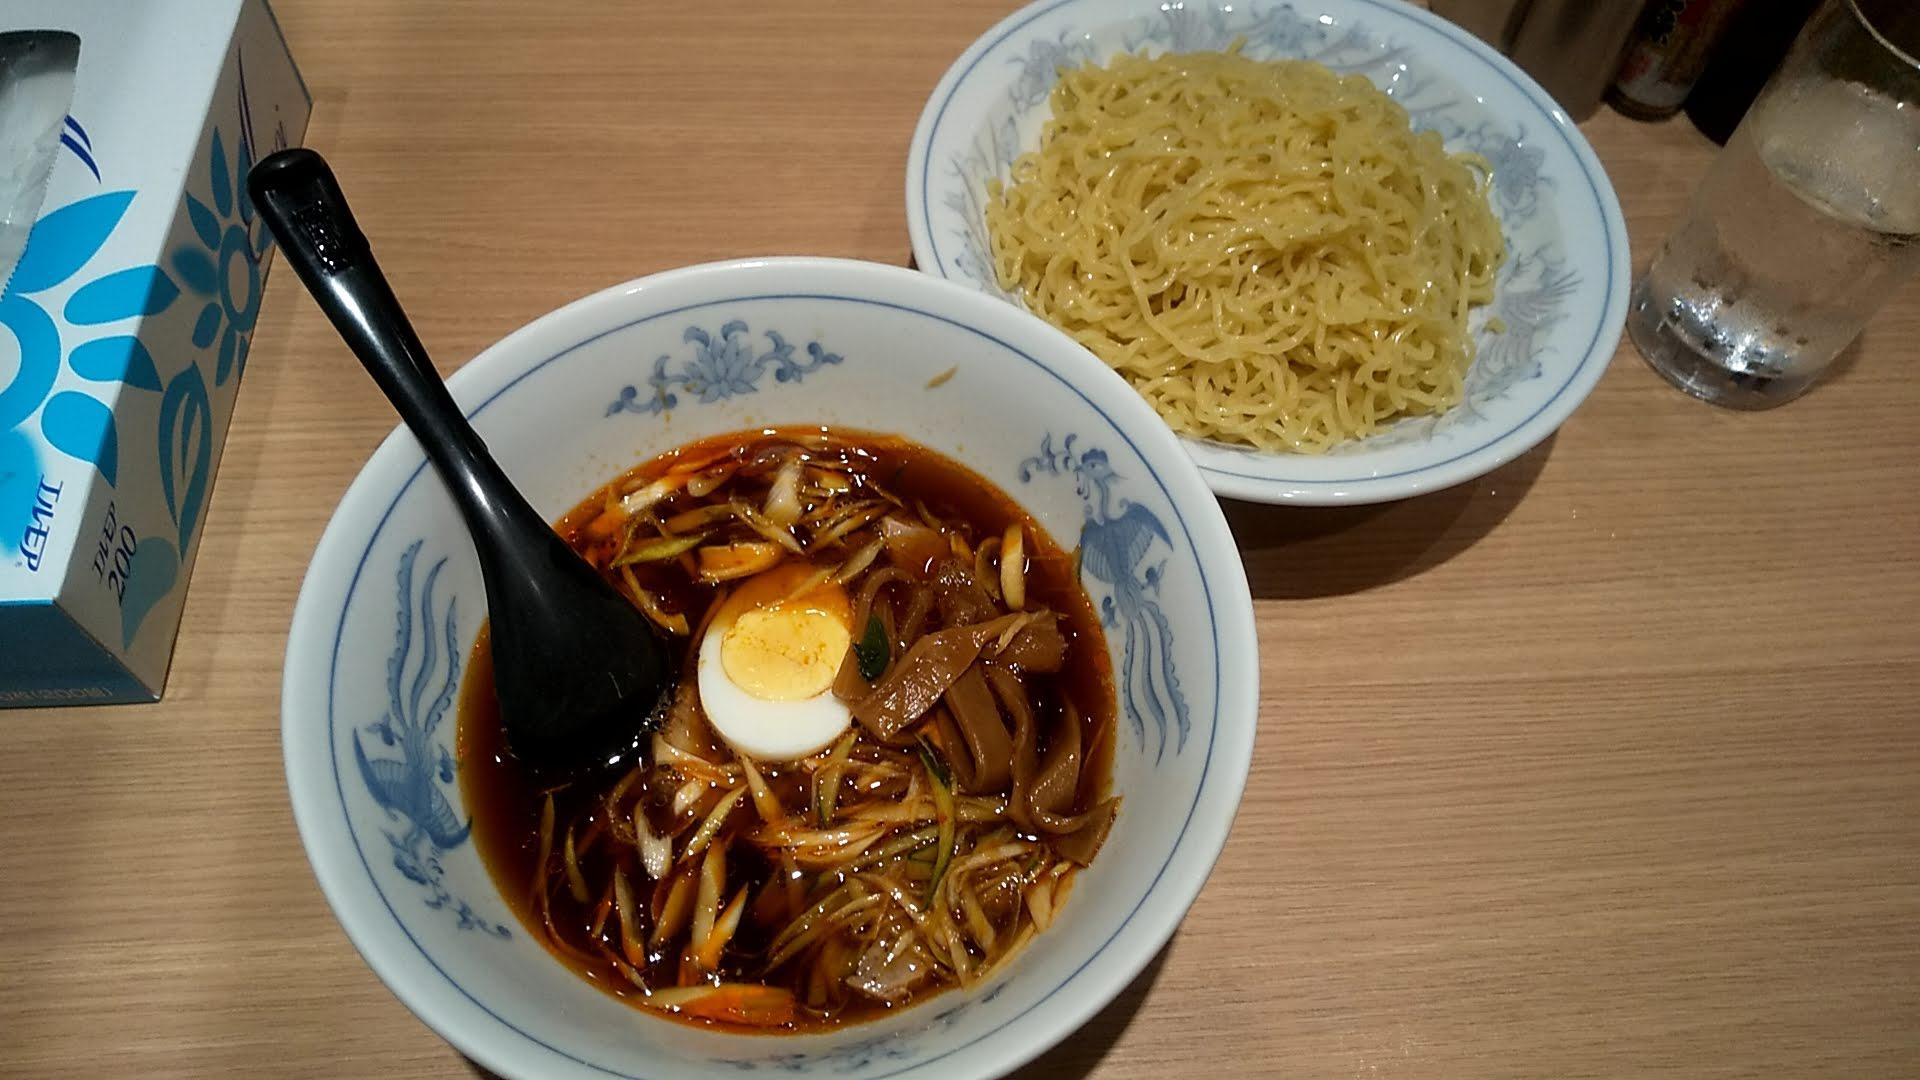 ふぢののつけ麺